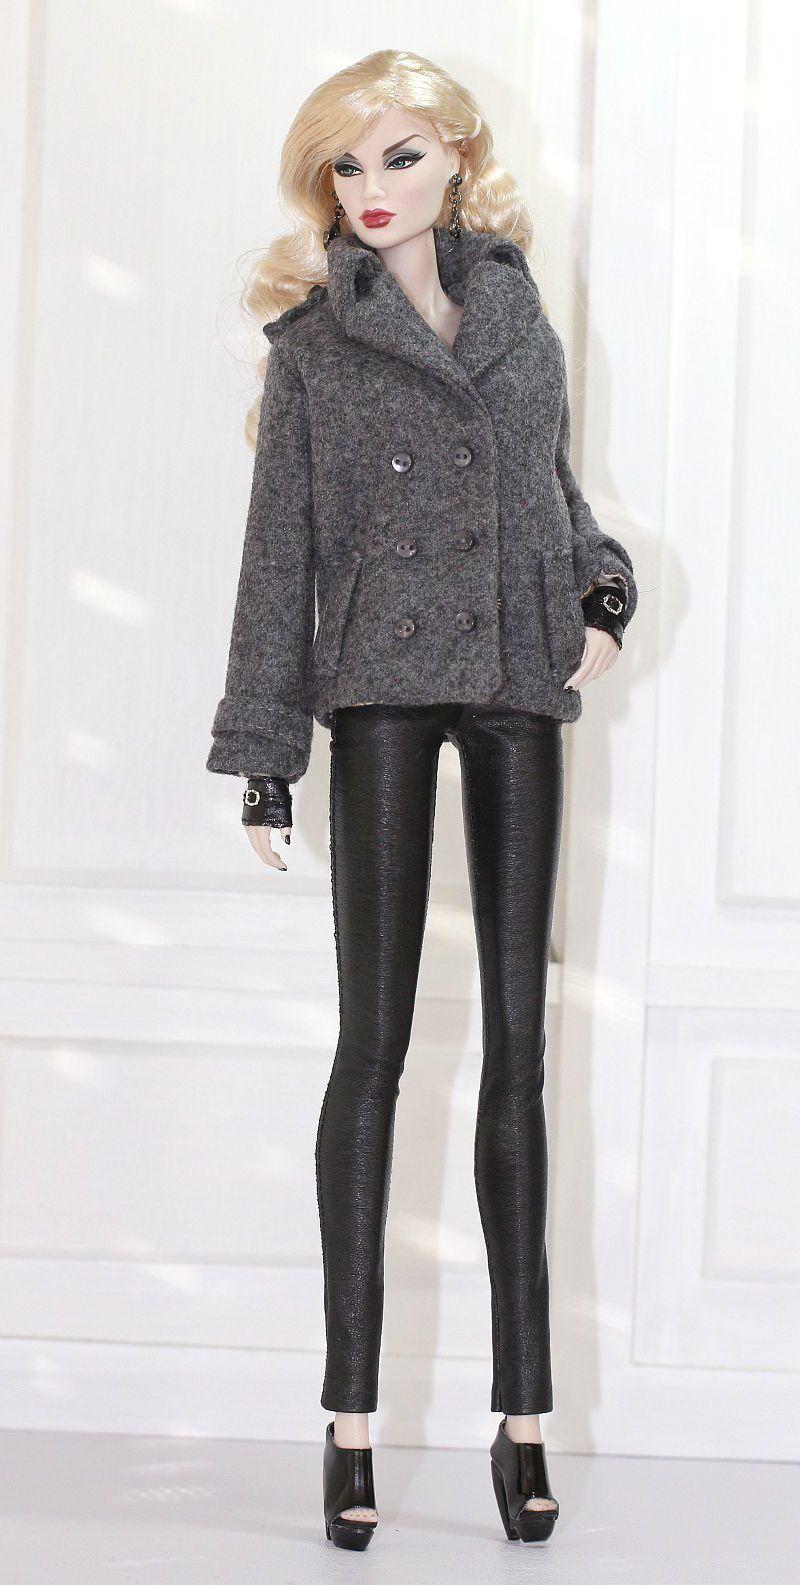 Antonia | tonner | Pinterest | Barbie, Barbie kleider und Puppen